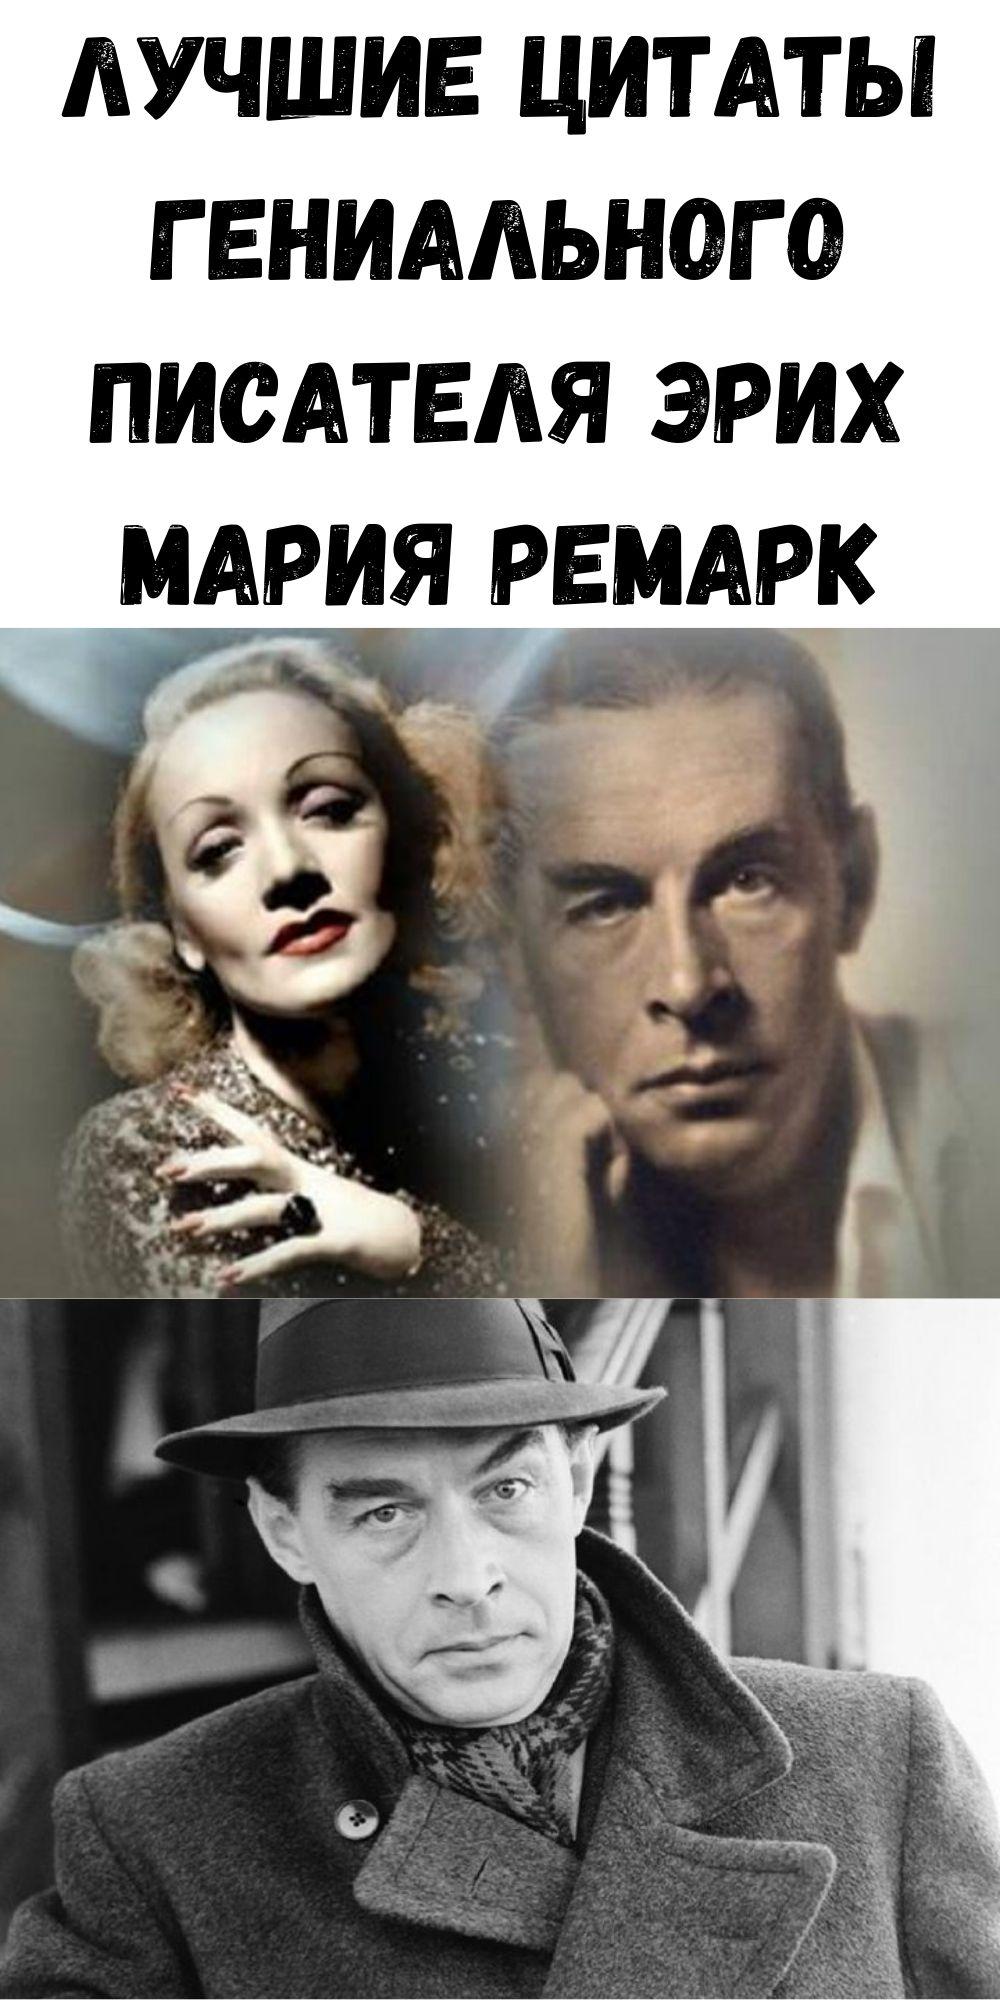 Лучшие цитаты гениального писателя ЭРИХ МАРИЯ РЕМАРК